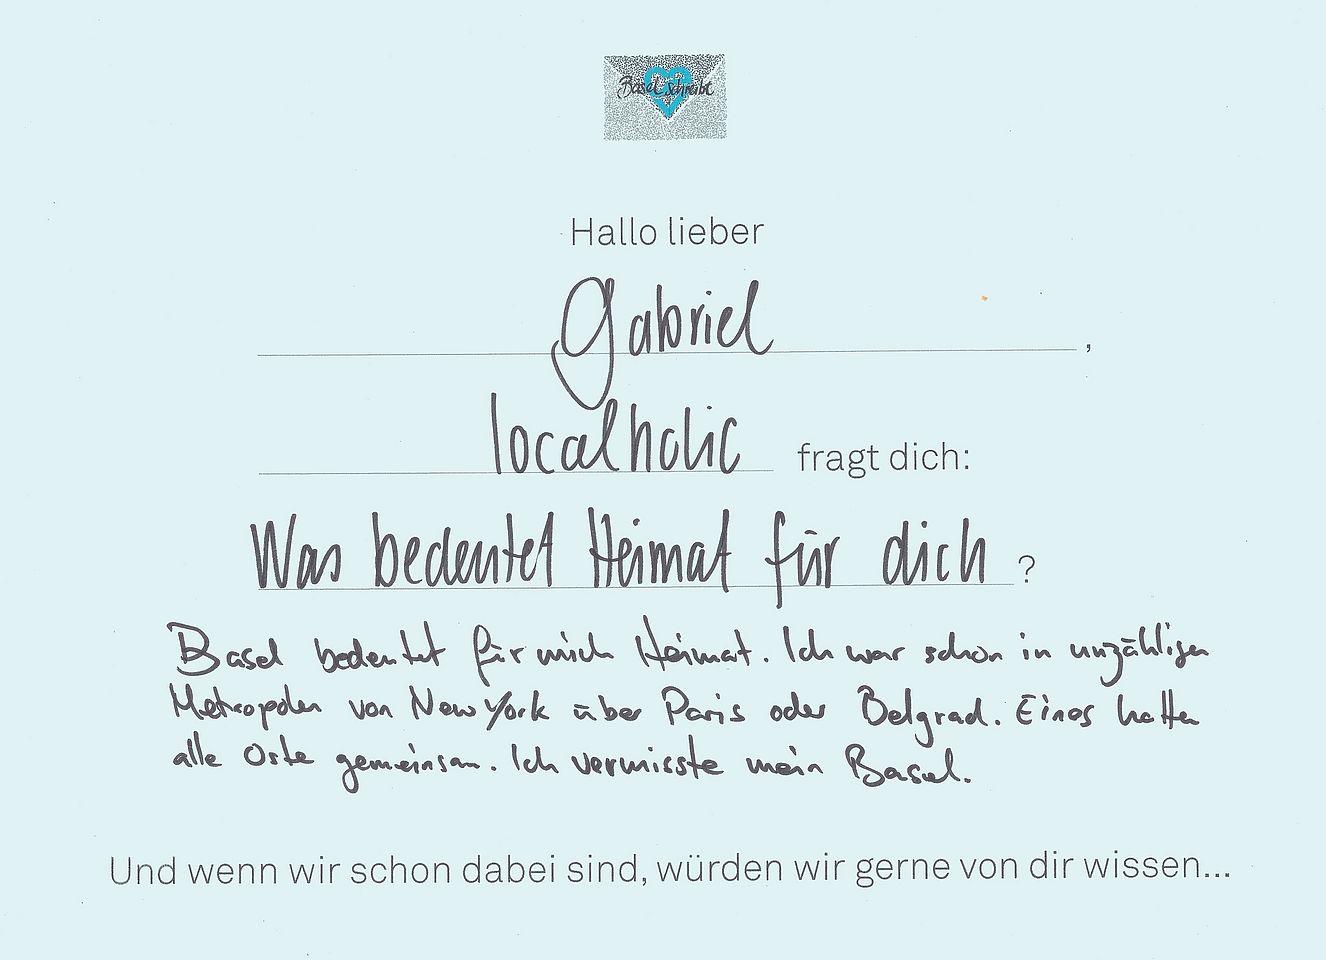 Gabriel_Schreibt_Blog_1.jpg